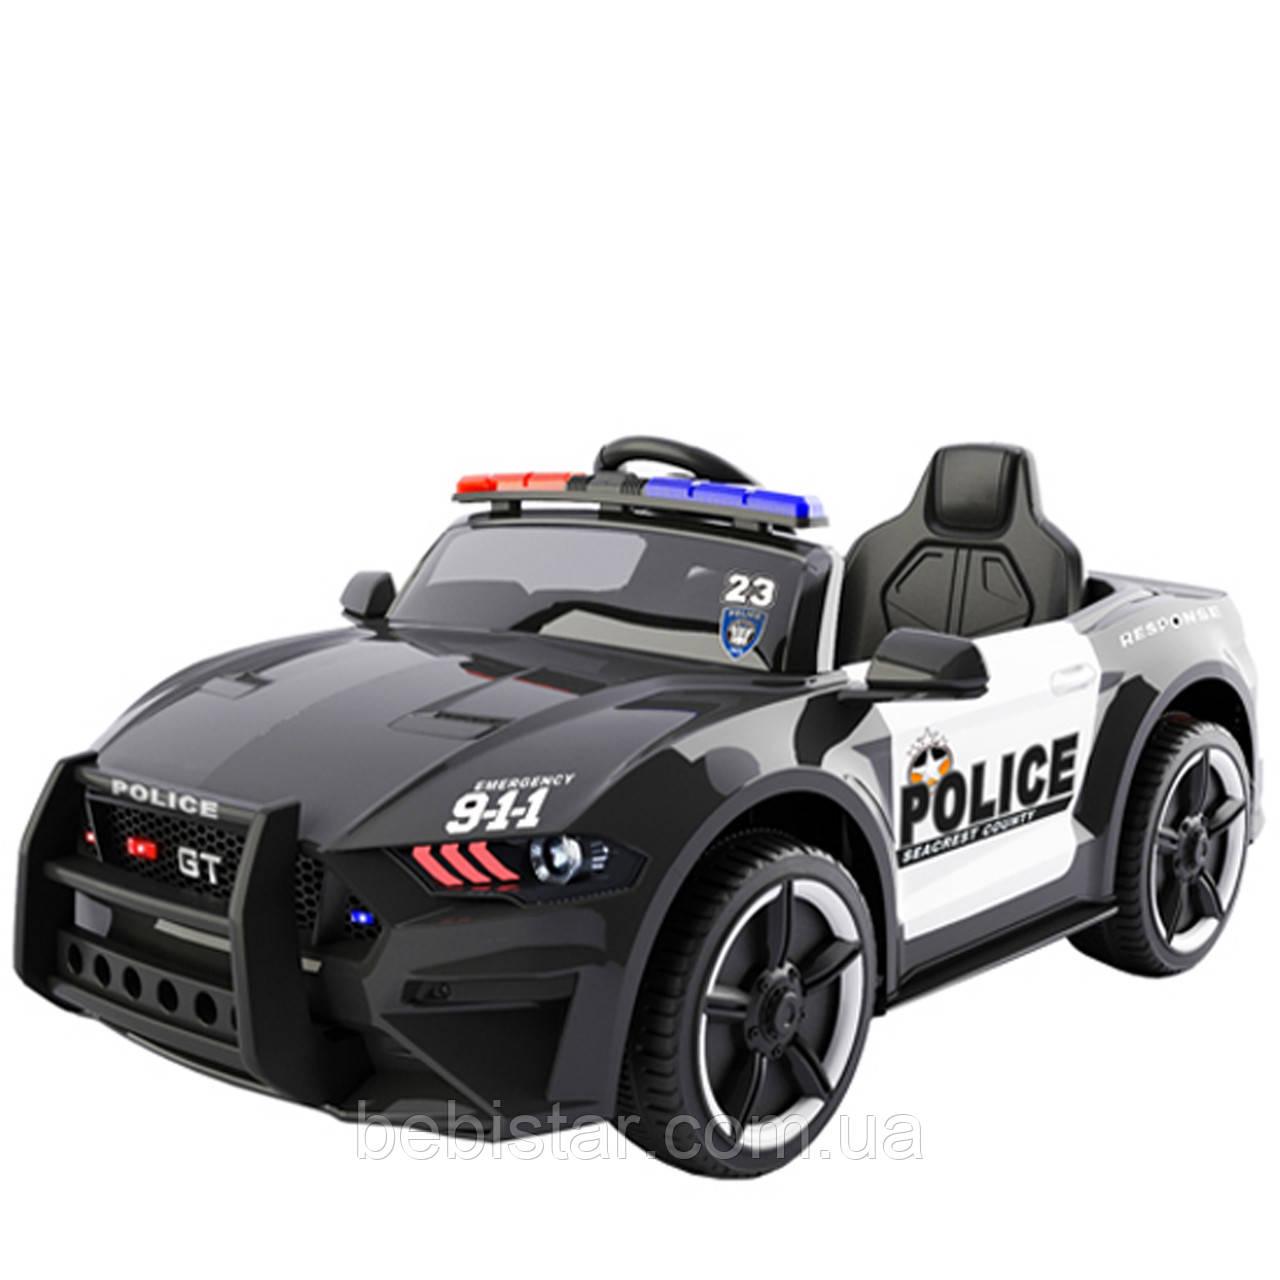 Электромобиль спортивный черный T-7646 EVA BLACK для деток 3-8 лет пульт мотор 2*20W, аккум 12V7AH с MP3